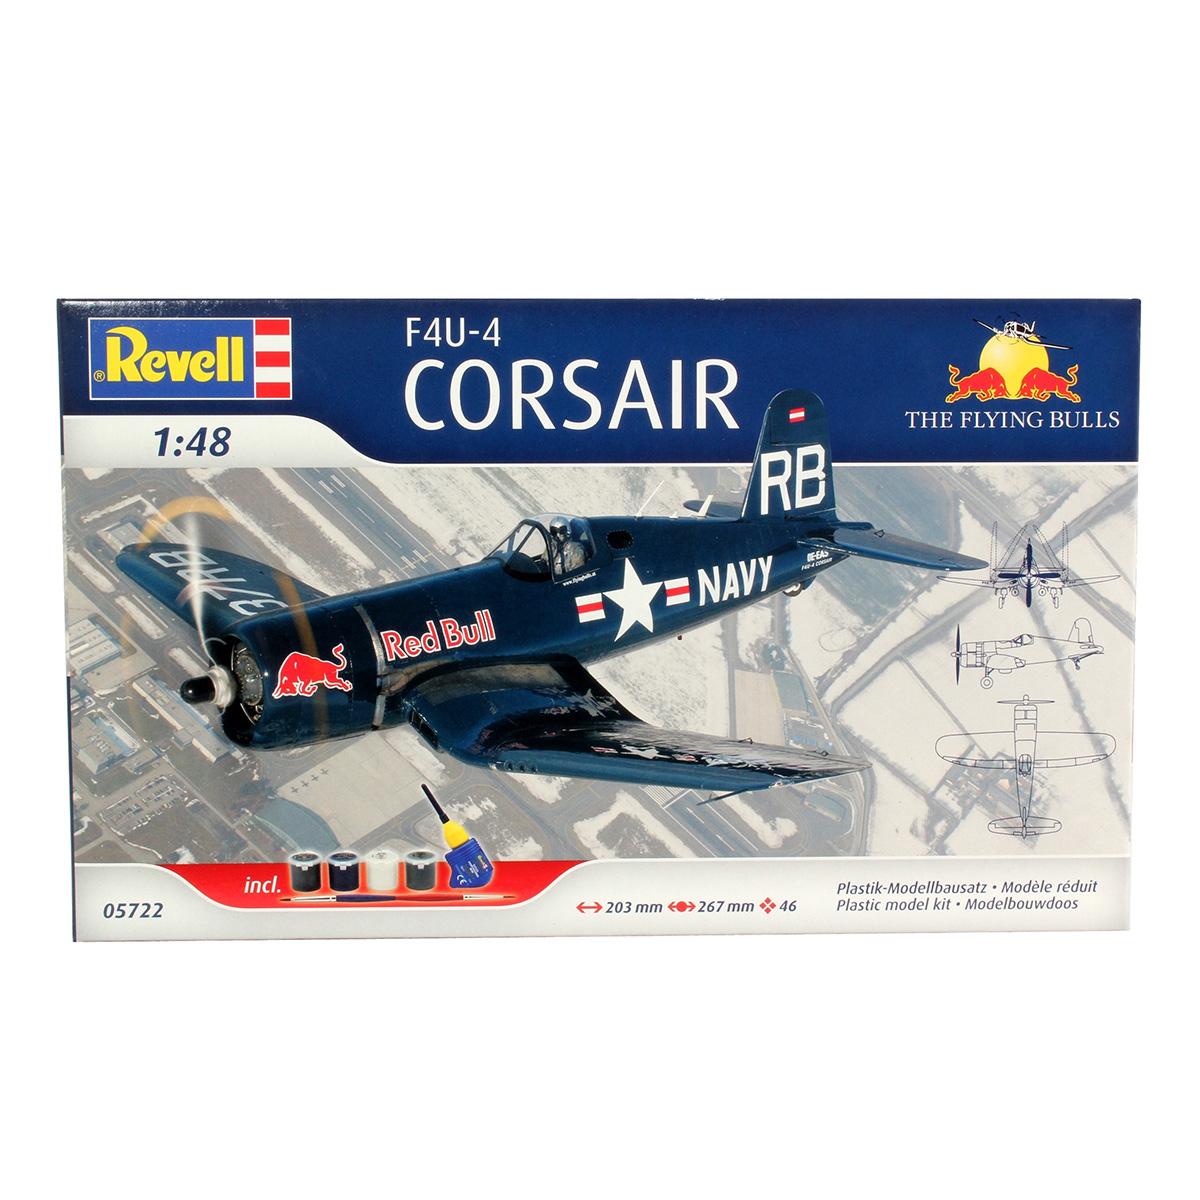 Coffret Cadeau - Maquette F4U-4 Corsair «The Flying Bulls»